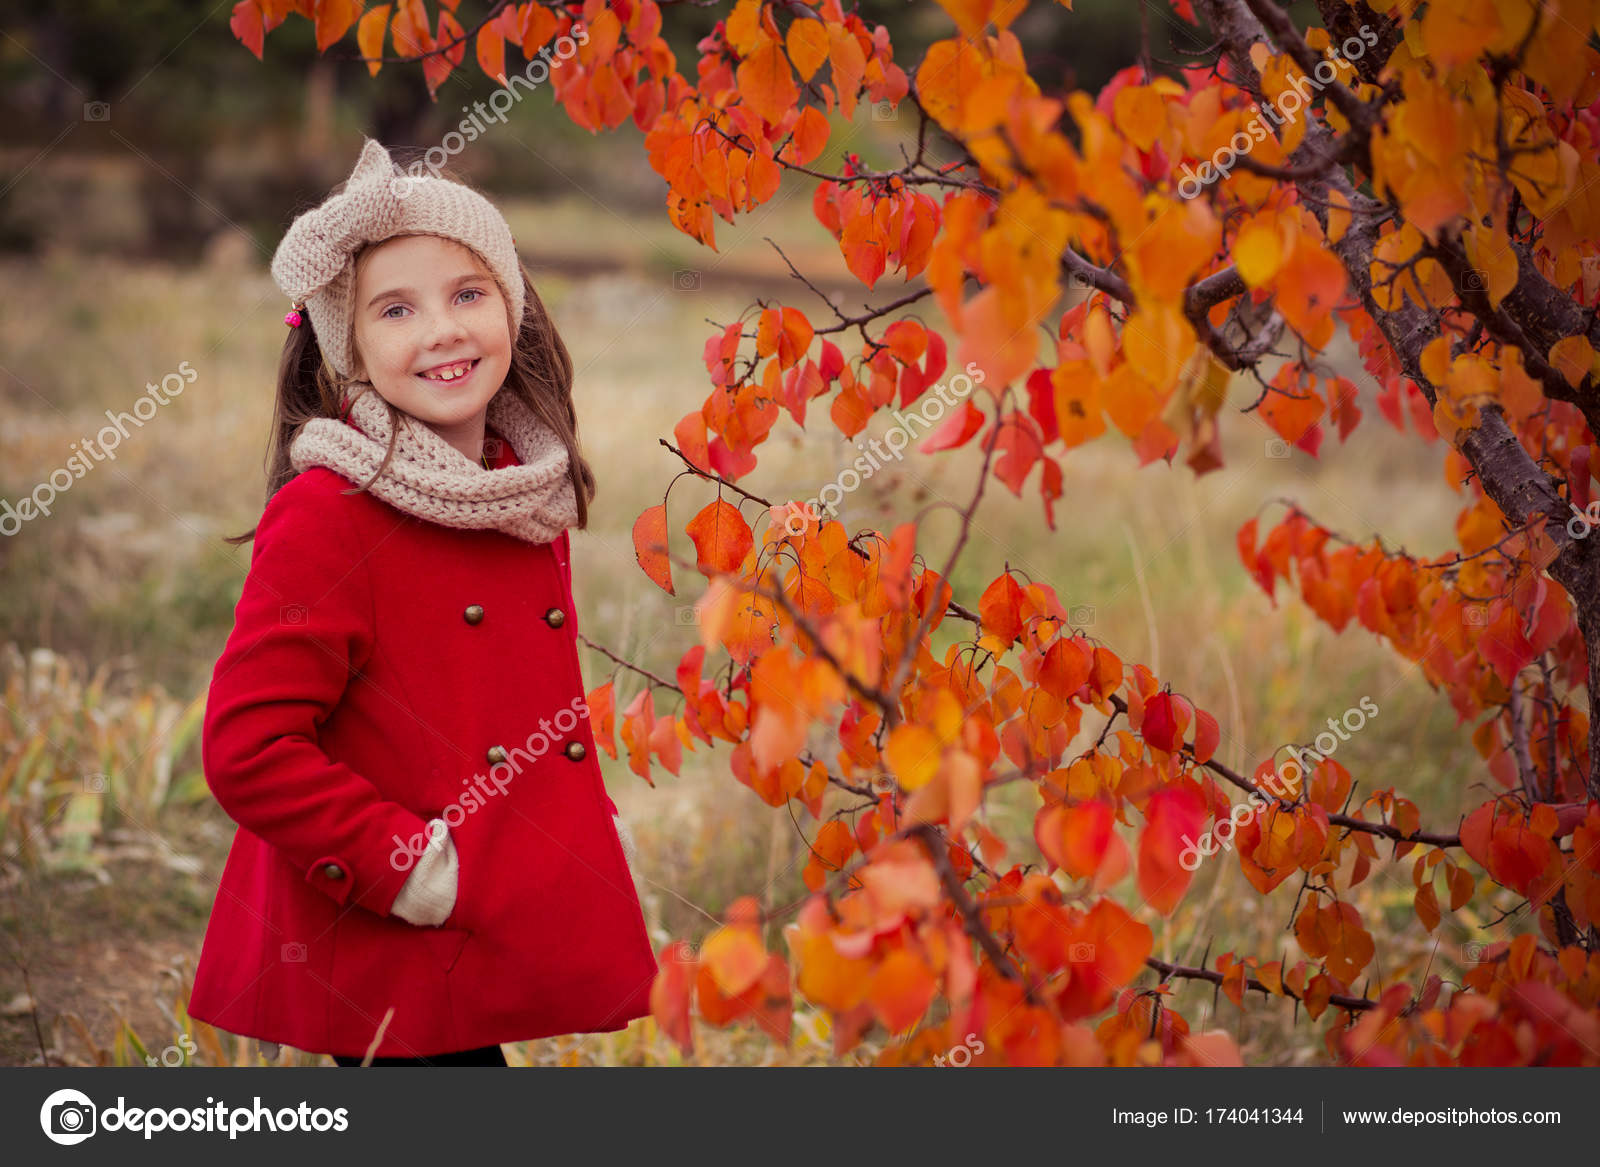 Vestido azul abrigo rojo